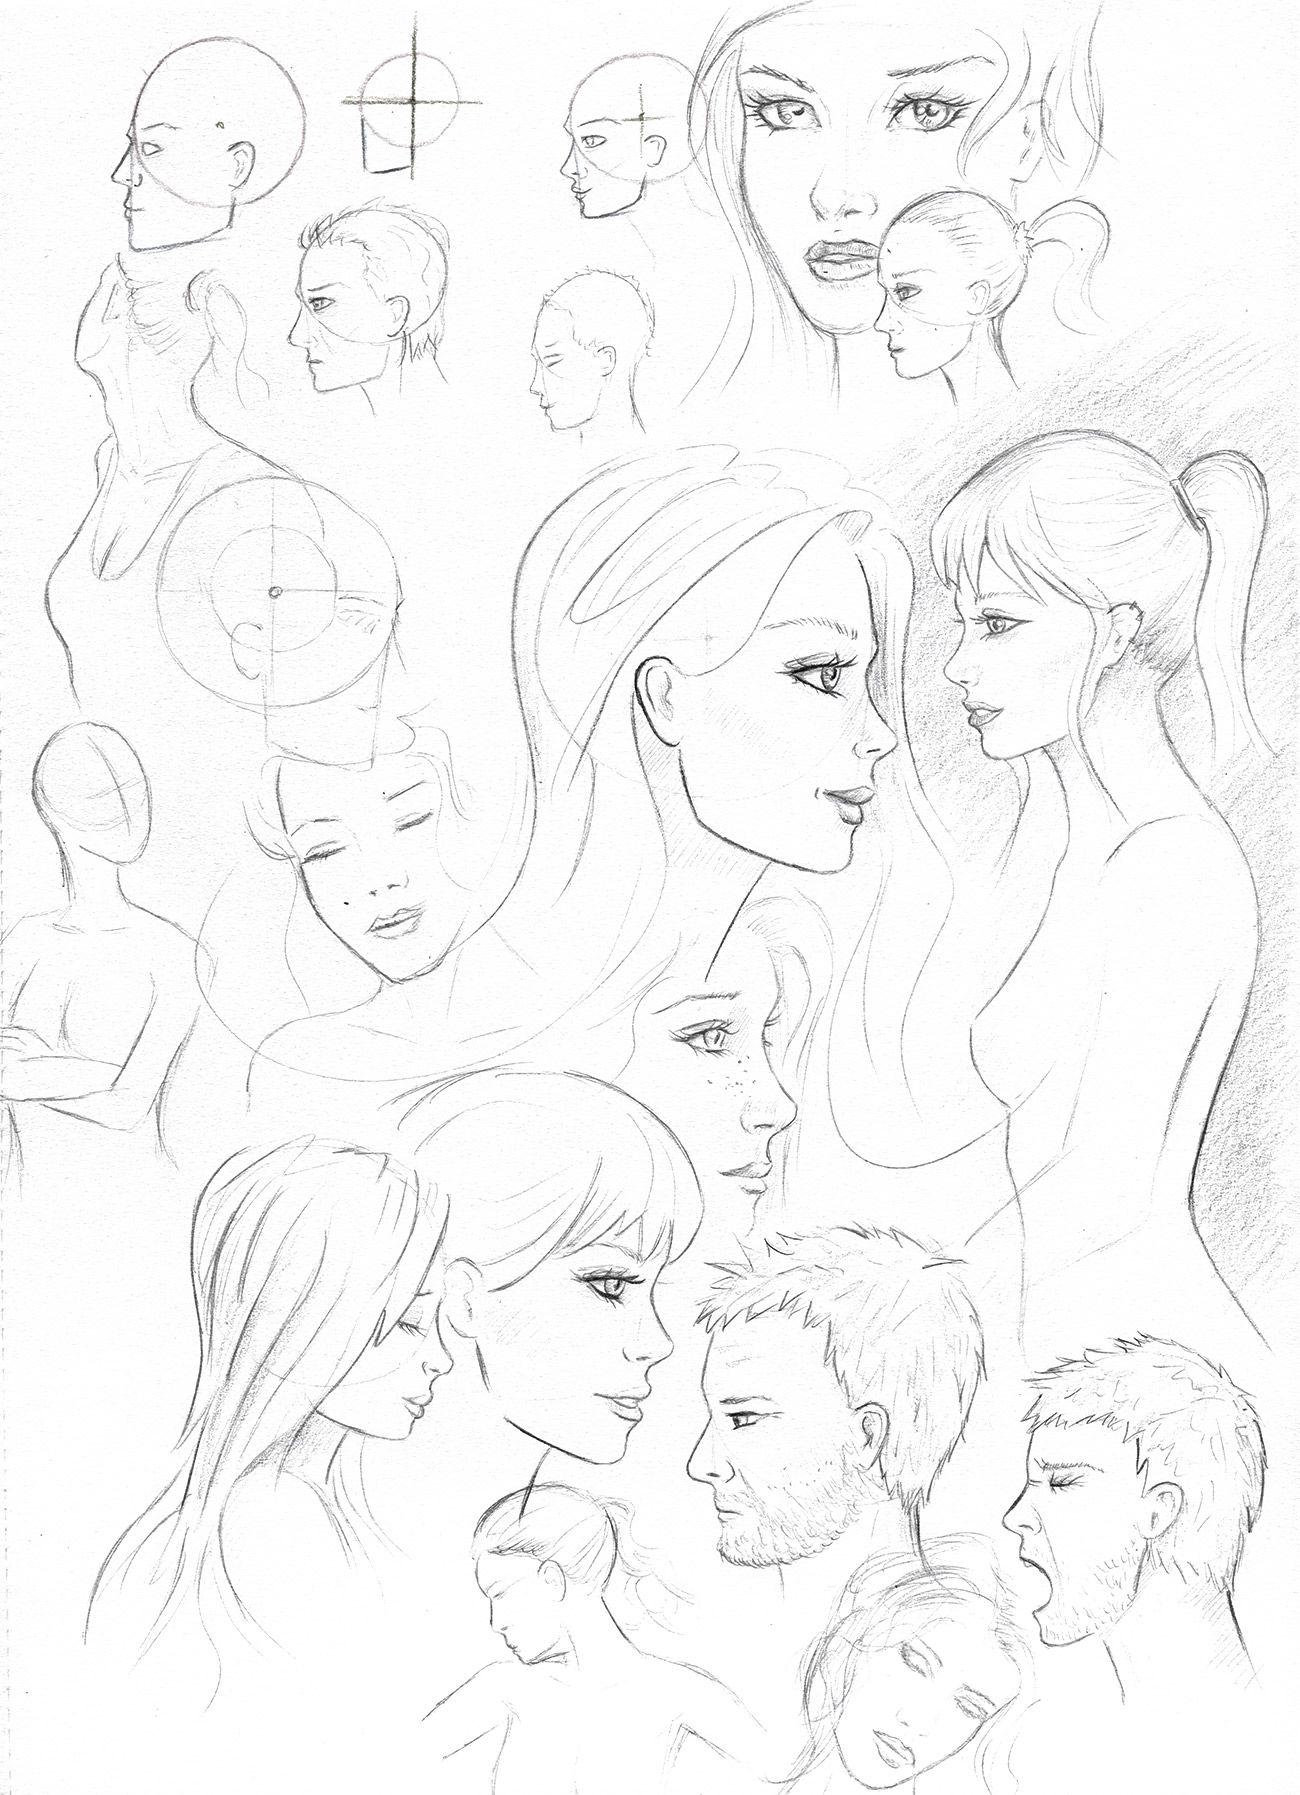 Gesicht Anhand Einer Schablone Skizzieren Gesichter Zeichnen Kunstproduktion Coole Malvorlagen